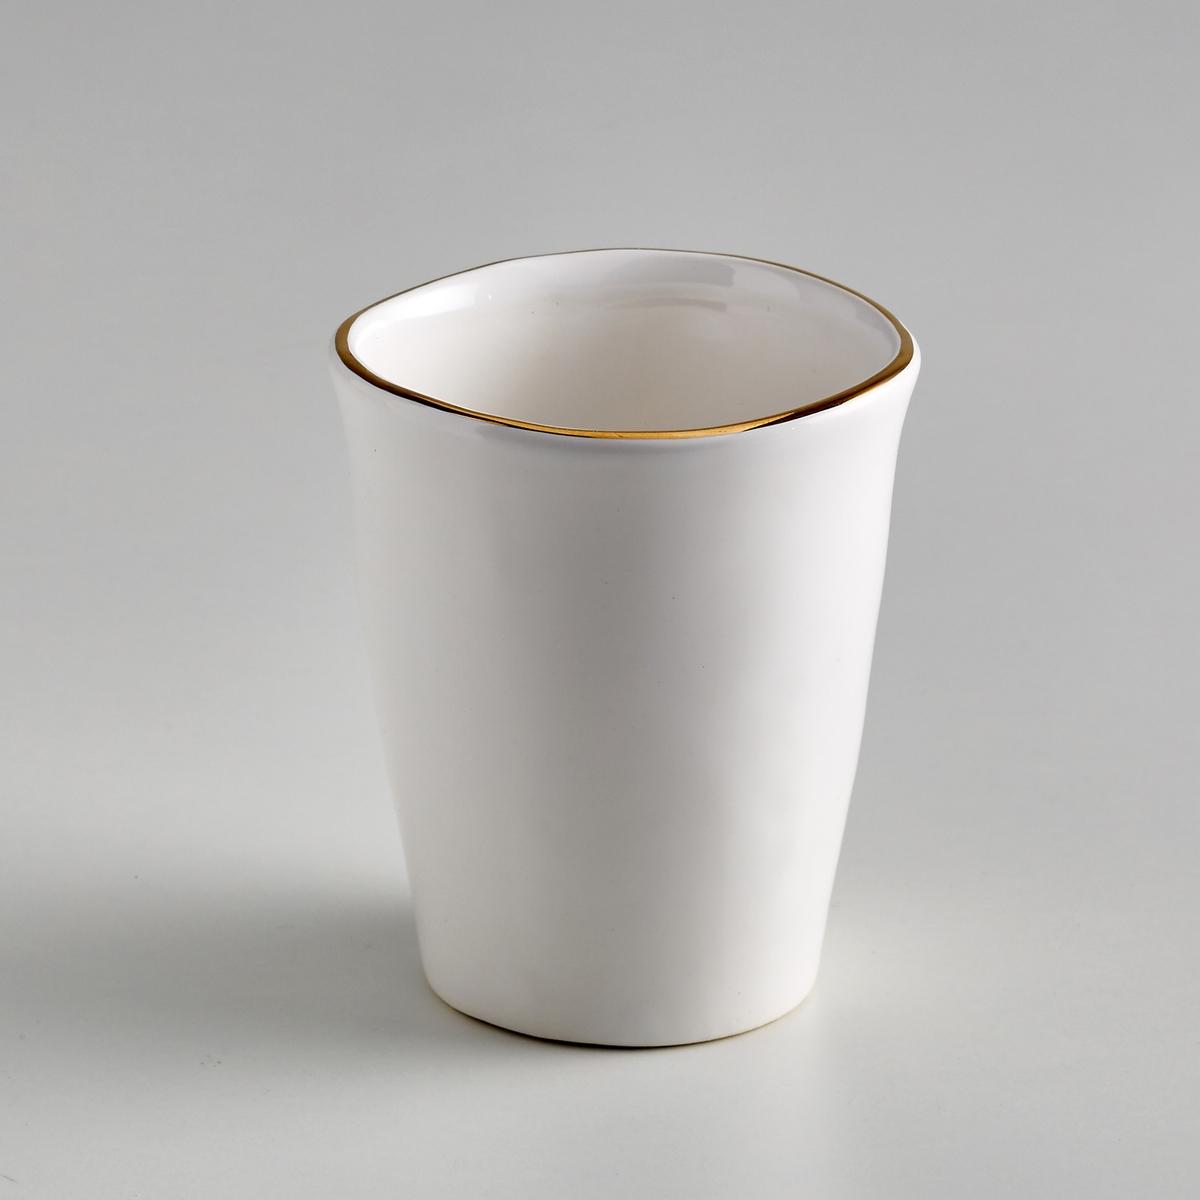 Комплект из 4 чашек из фаянса, Catalpa4 чашки Catalpa. Элегантная и неподвластная времени посуда из фаянса, покрытого белой глазурью, с тонкой каймой золотистого цвета. Органическая форма и неровные контуры придают оригинальности этим чашкам. Сделано в Португалии. Размеры. : ?7,5 x В.8 см.<br><br>Цвет: белый